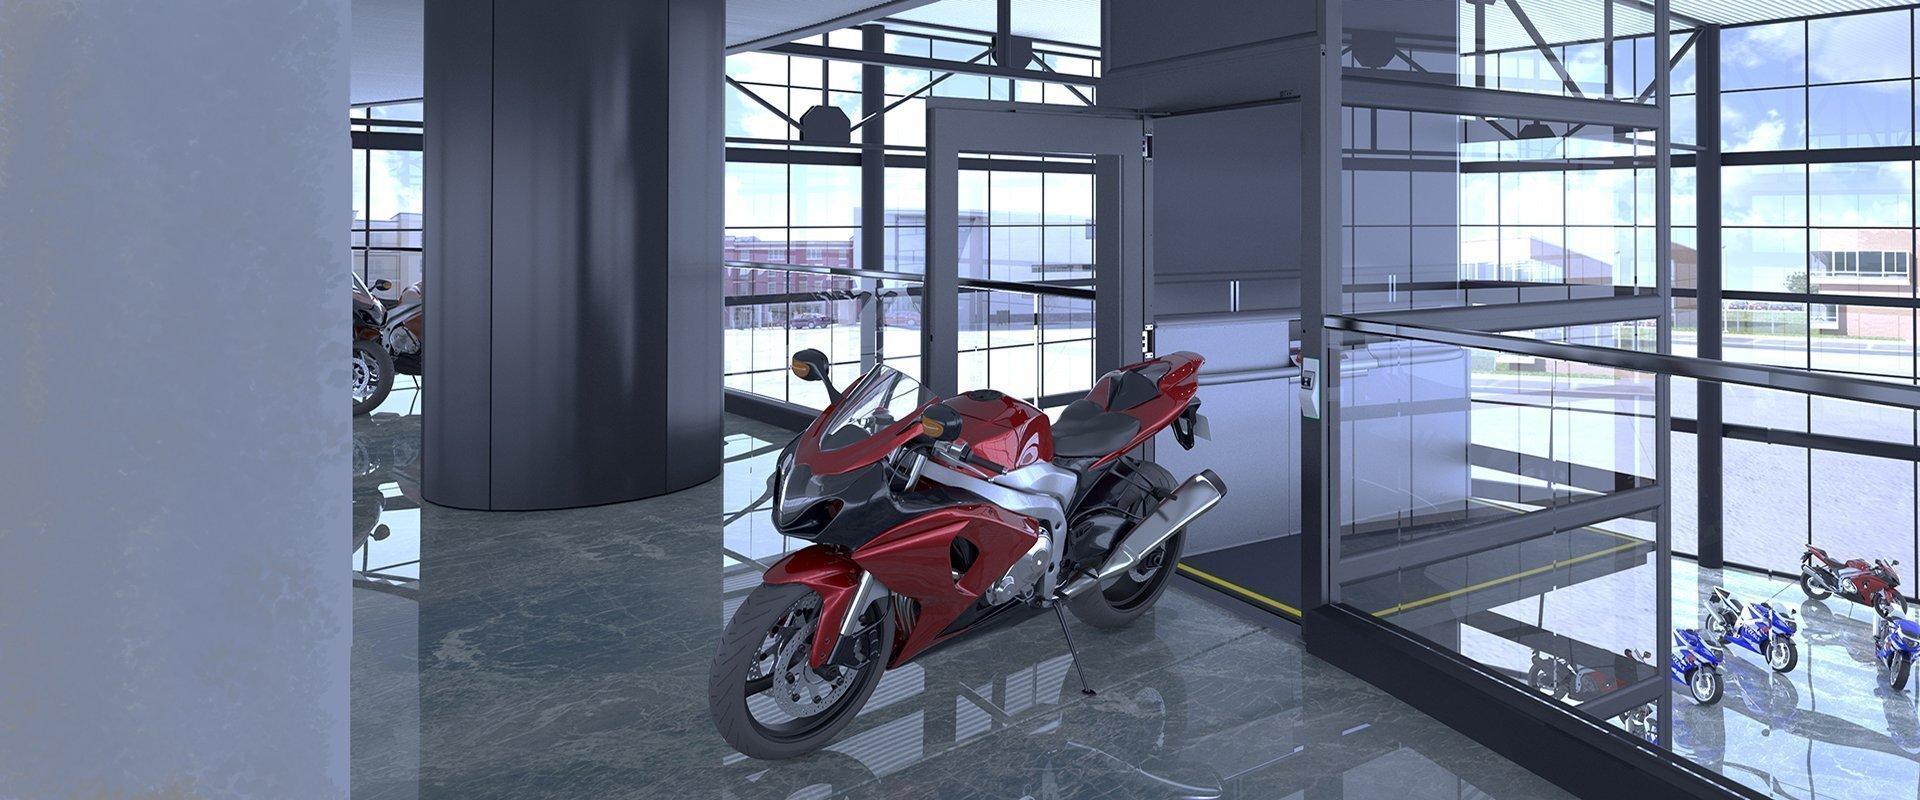 Goods lift with A40 lift door